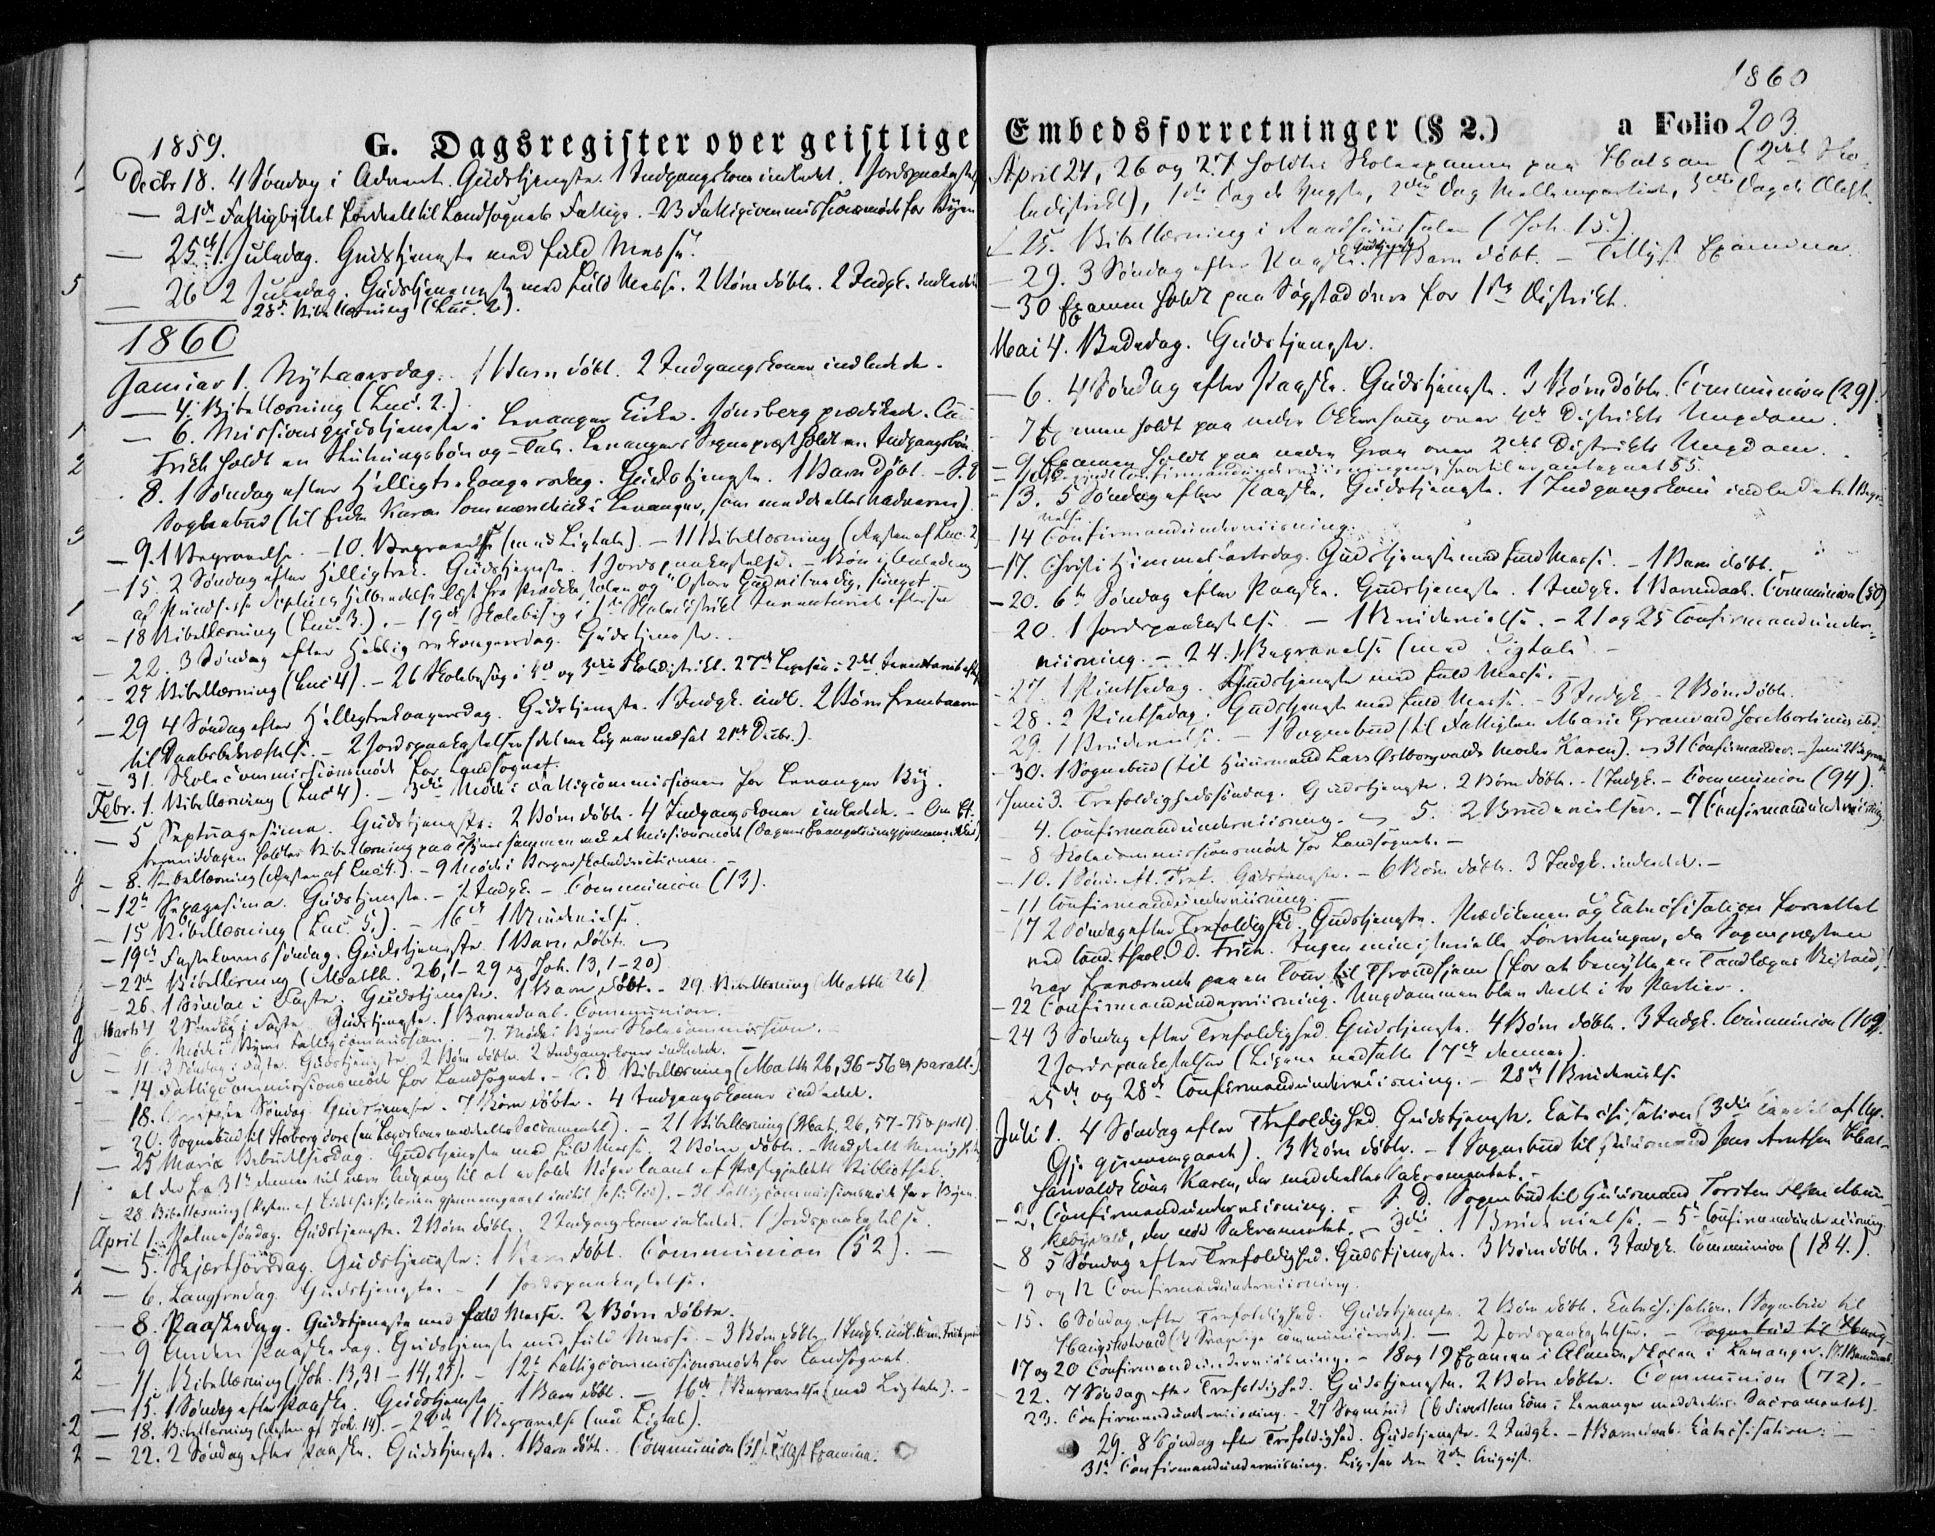 SAT, Ministerialprotokoller, klokkerbøker og fødselsregistre - Nord-Trøndelag, 720/L0184: Ministerialbok nr. 720A02 /1, 1855-1863, s. 203